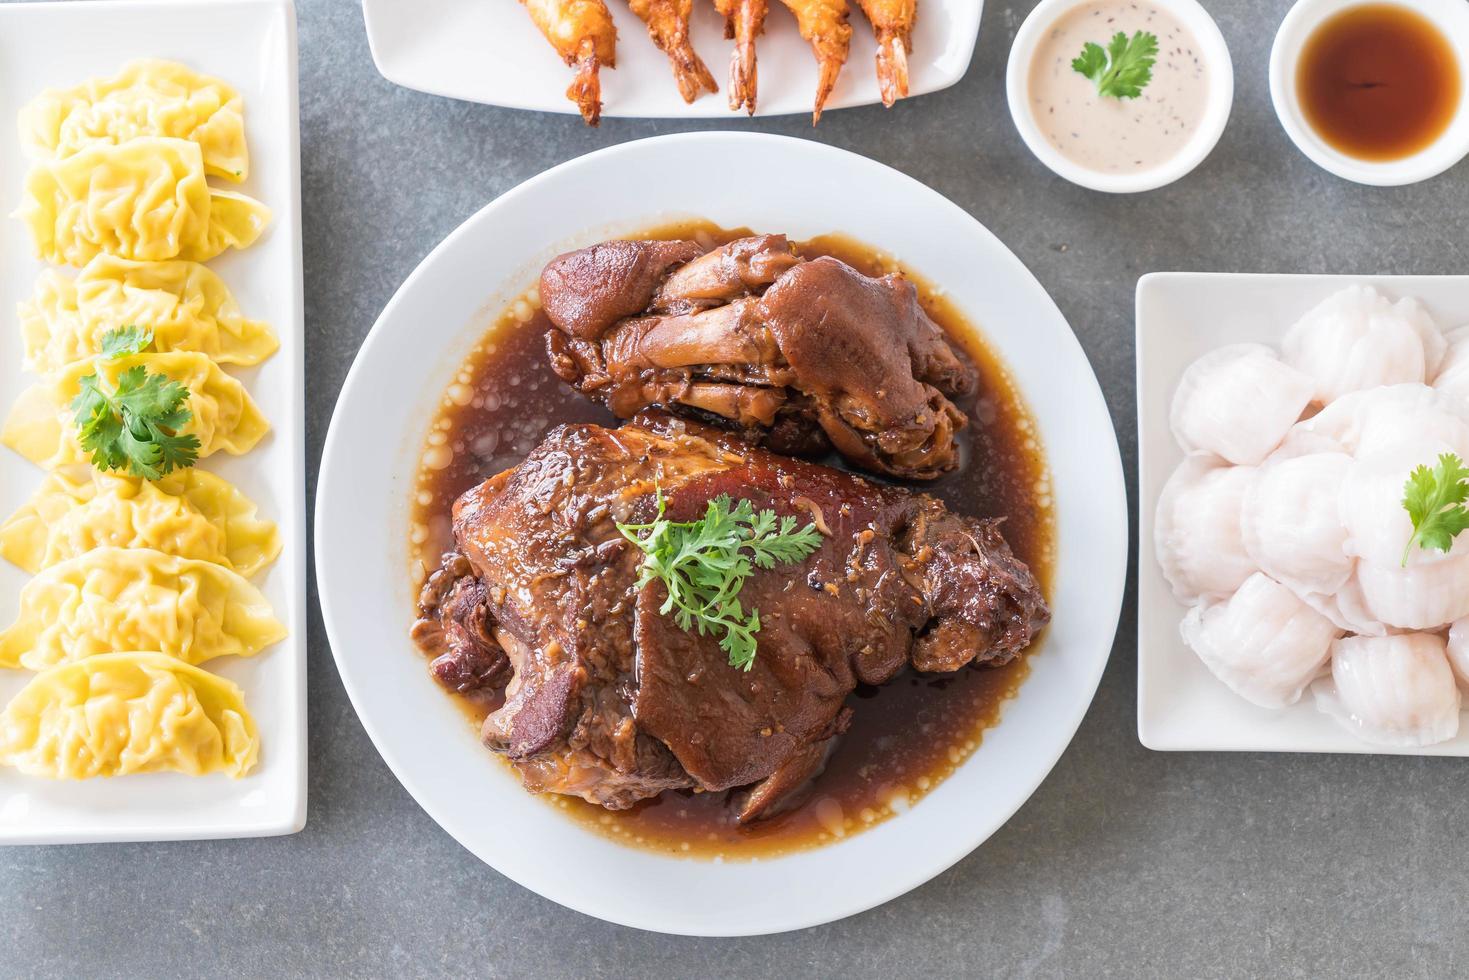 Vue de dessus de la cuisse de porc cuite à la sauce sauce photo